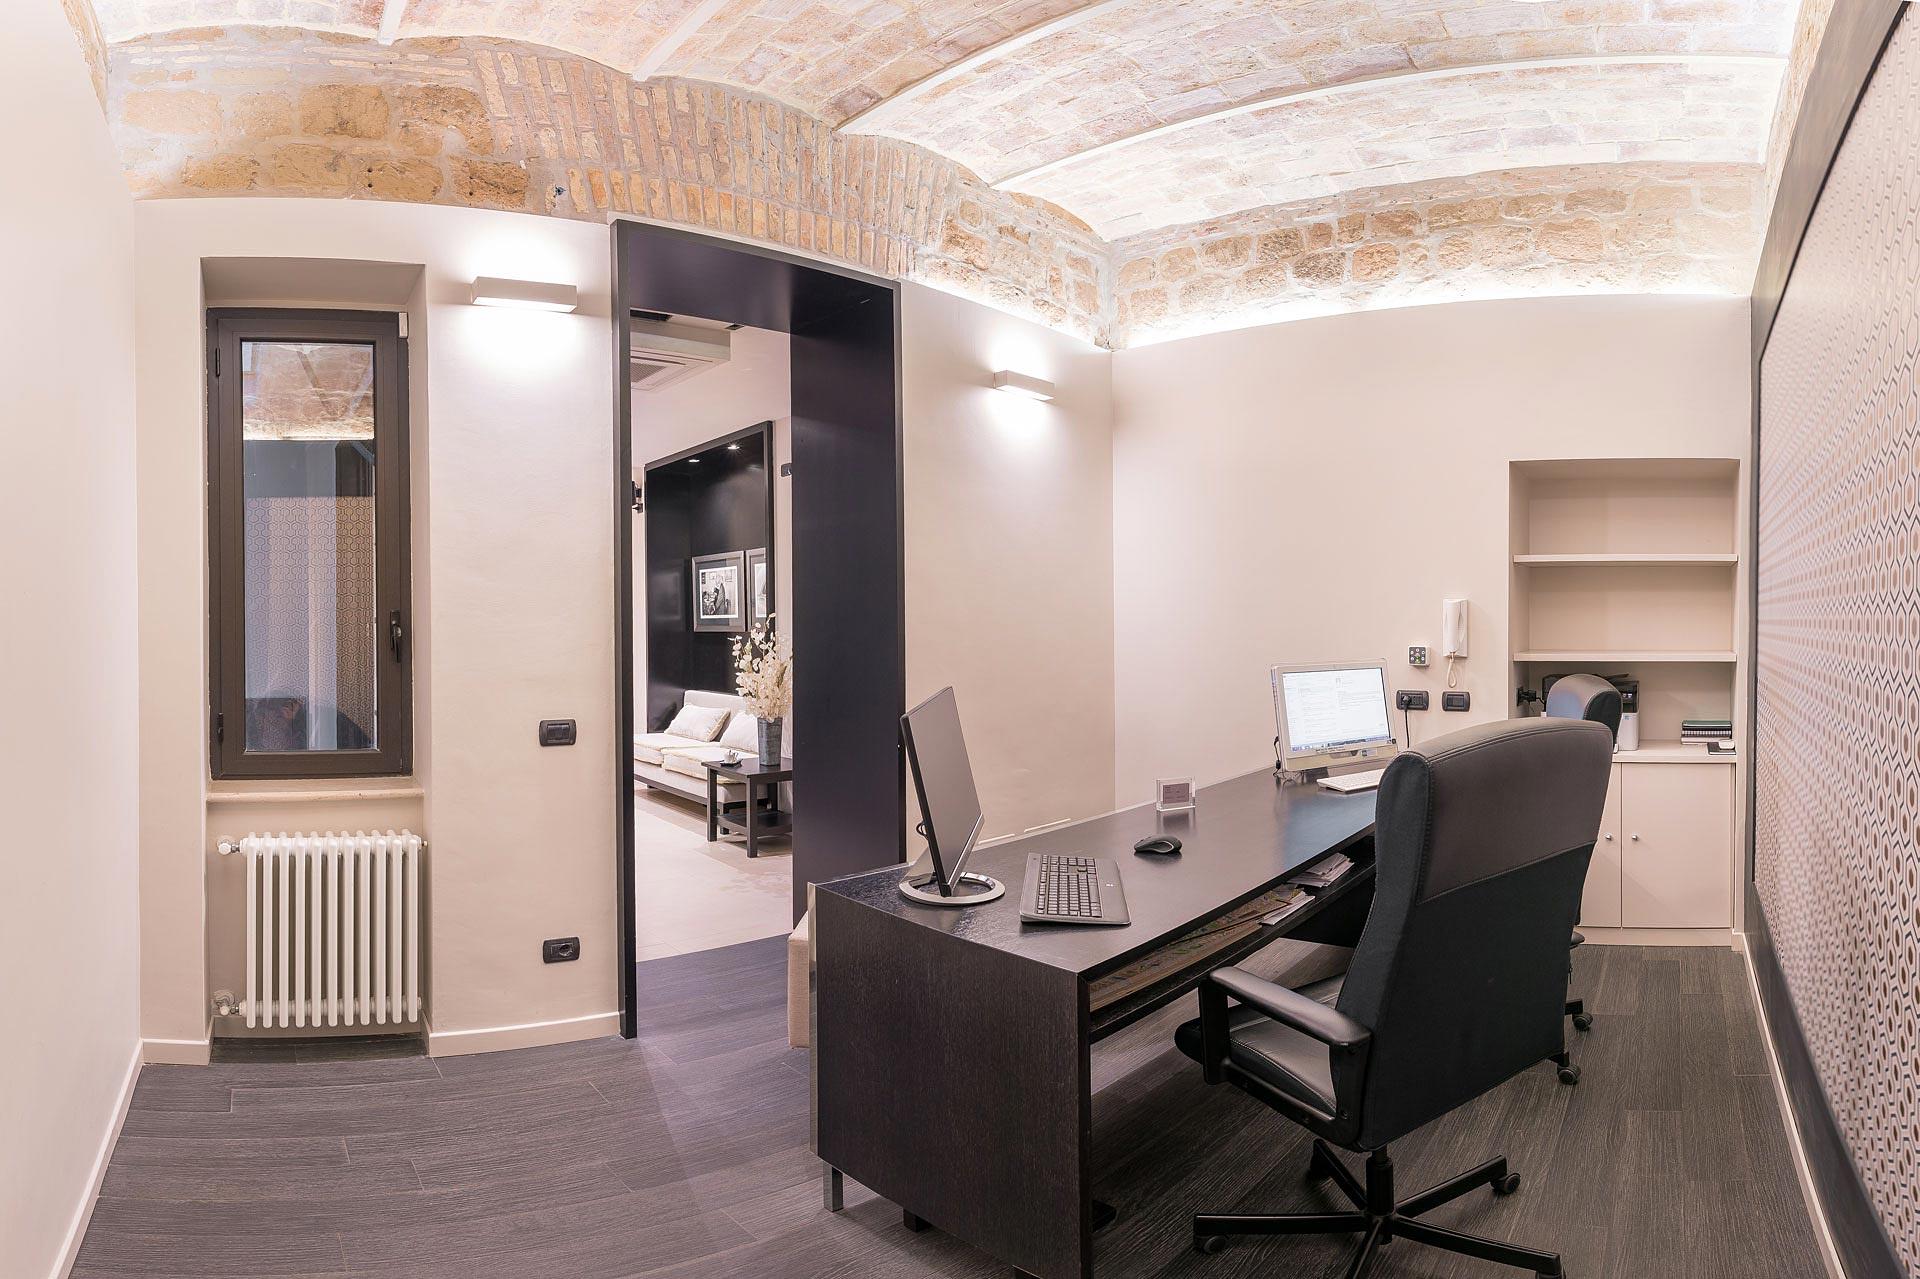 foto-albergo-roma-fotografo-architettura-interni-5